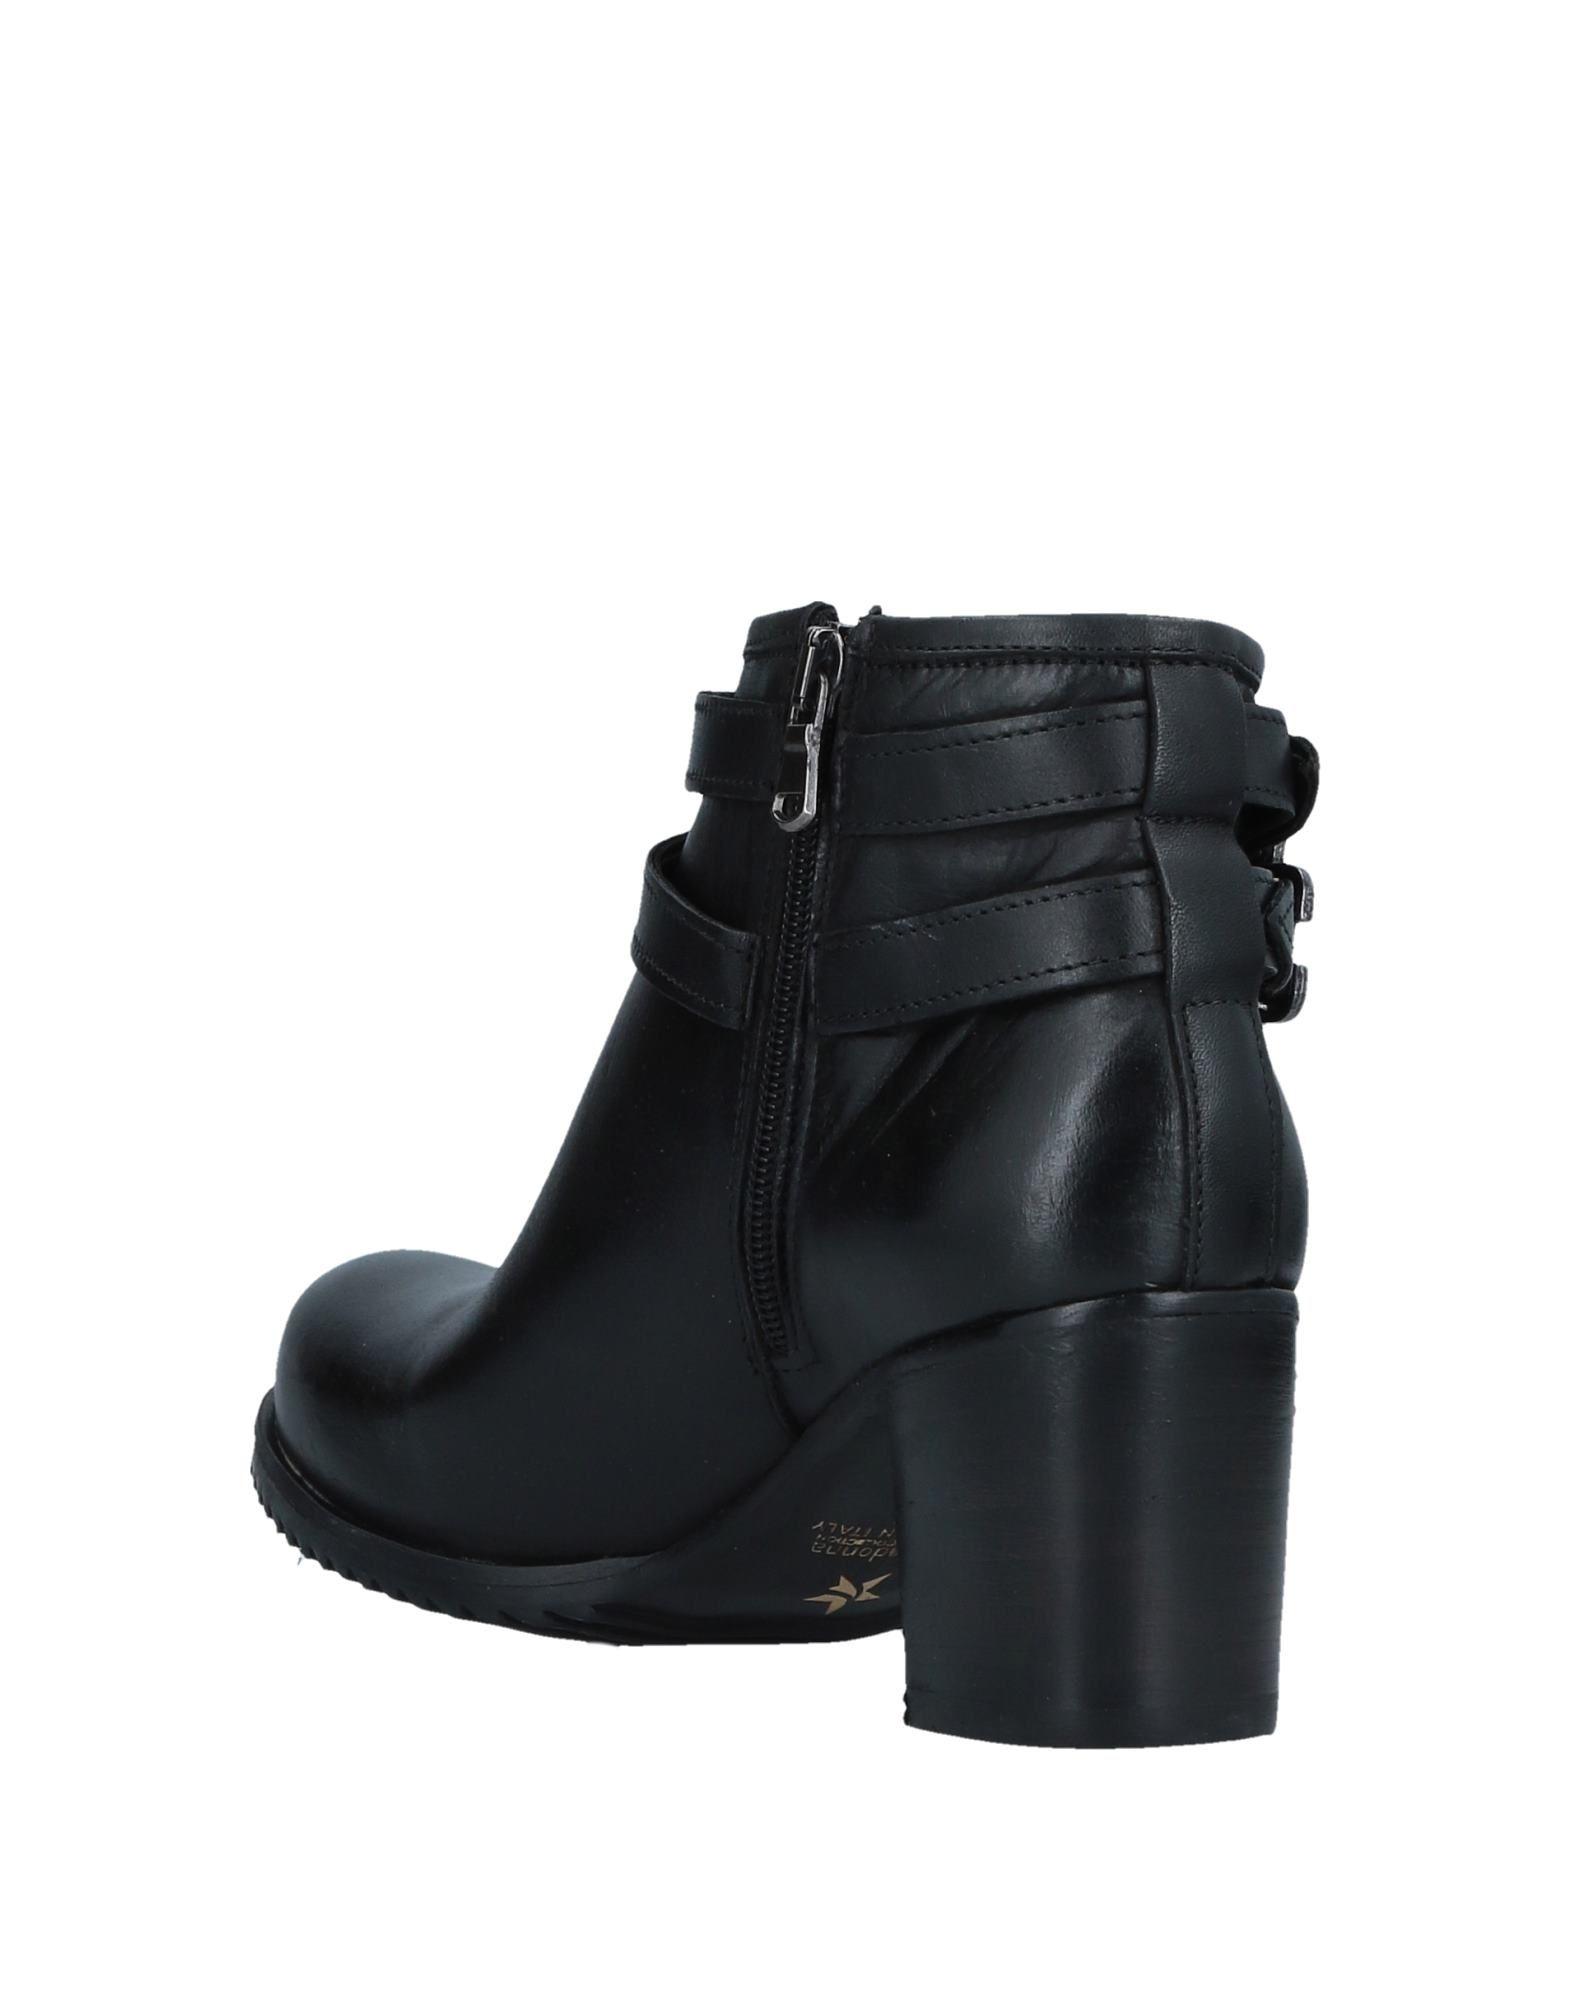 Primadonna Heiße Stiefelette Damen  11528858DN Heiße Primadonna Schuhe f90ee9